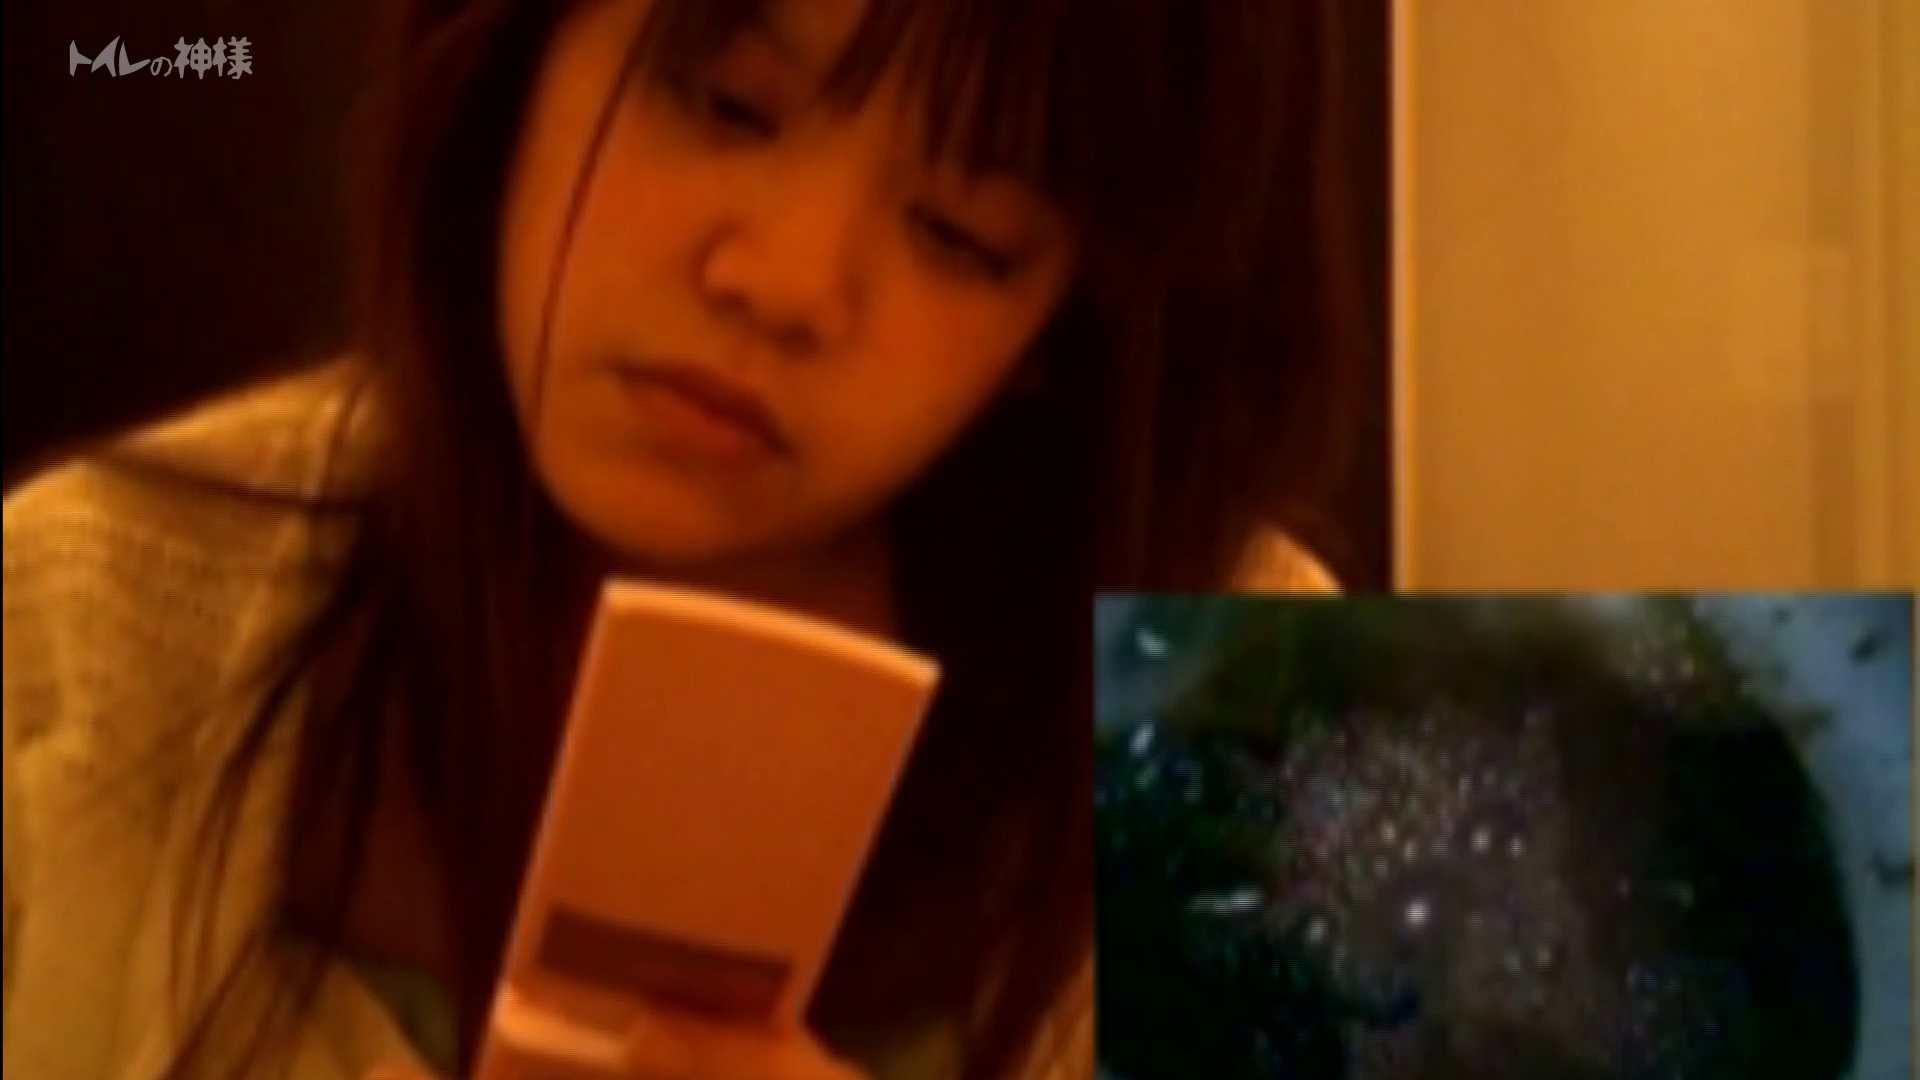 エッチ 熟女 トイレの神様 Vol.03 彼女のうんち隠し撮り 怪盗ジョーカー